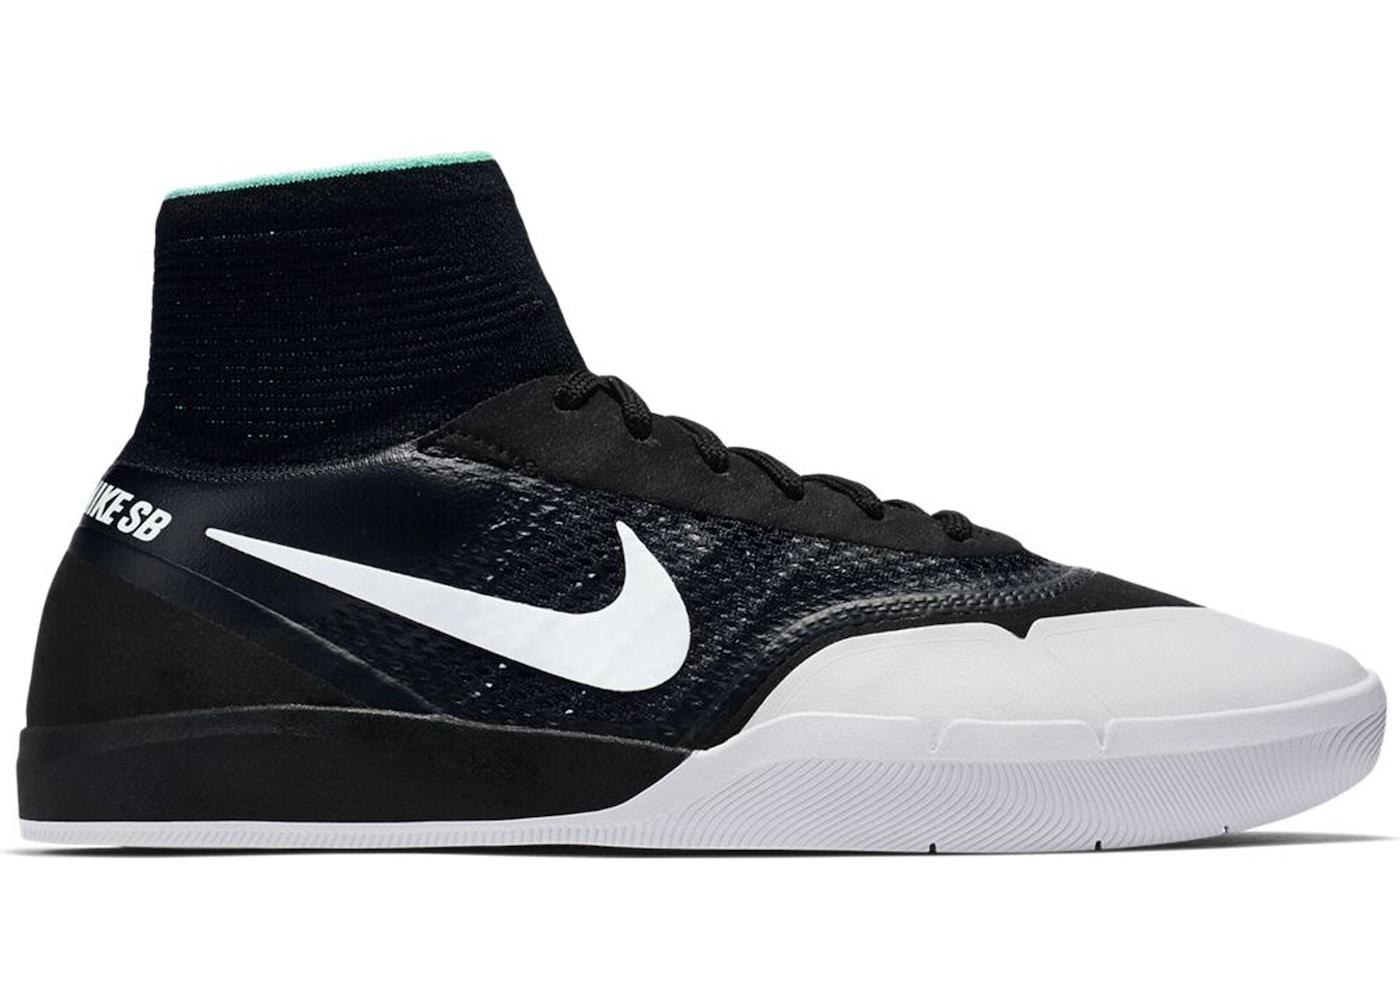 Descompostura resultado consumo  Nike SB Hyperfeel Koston 3 Black White - 860627-010